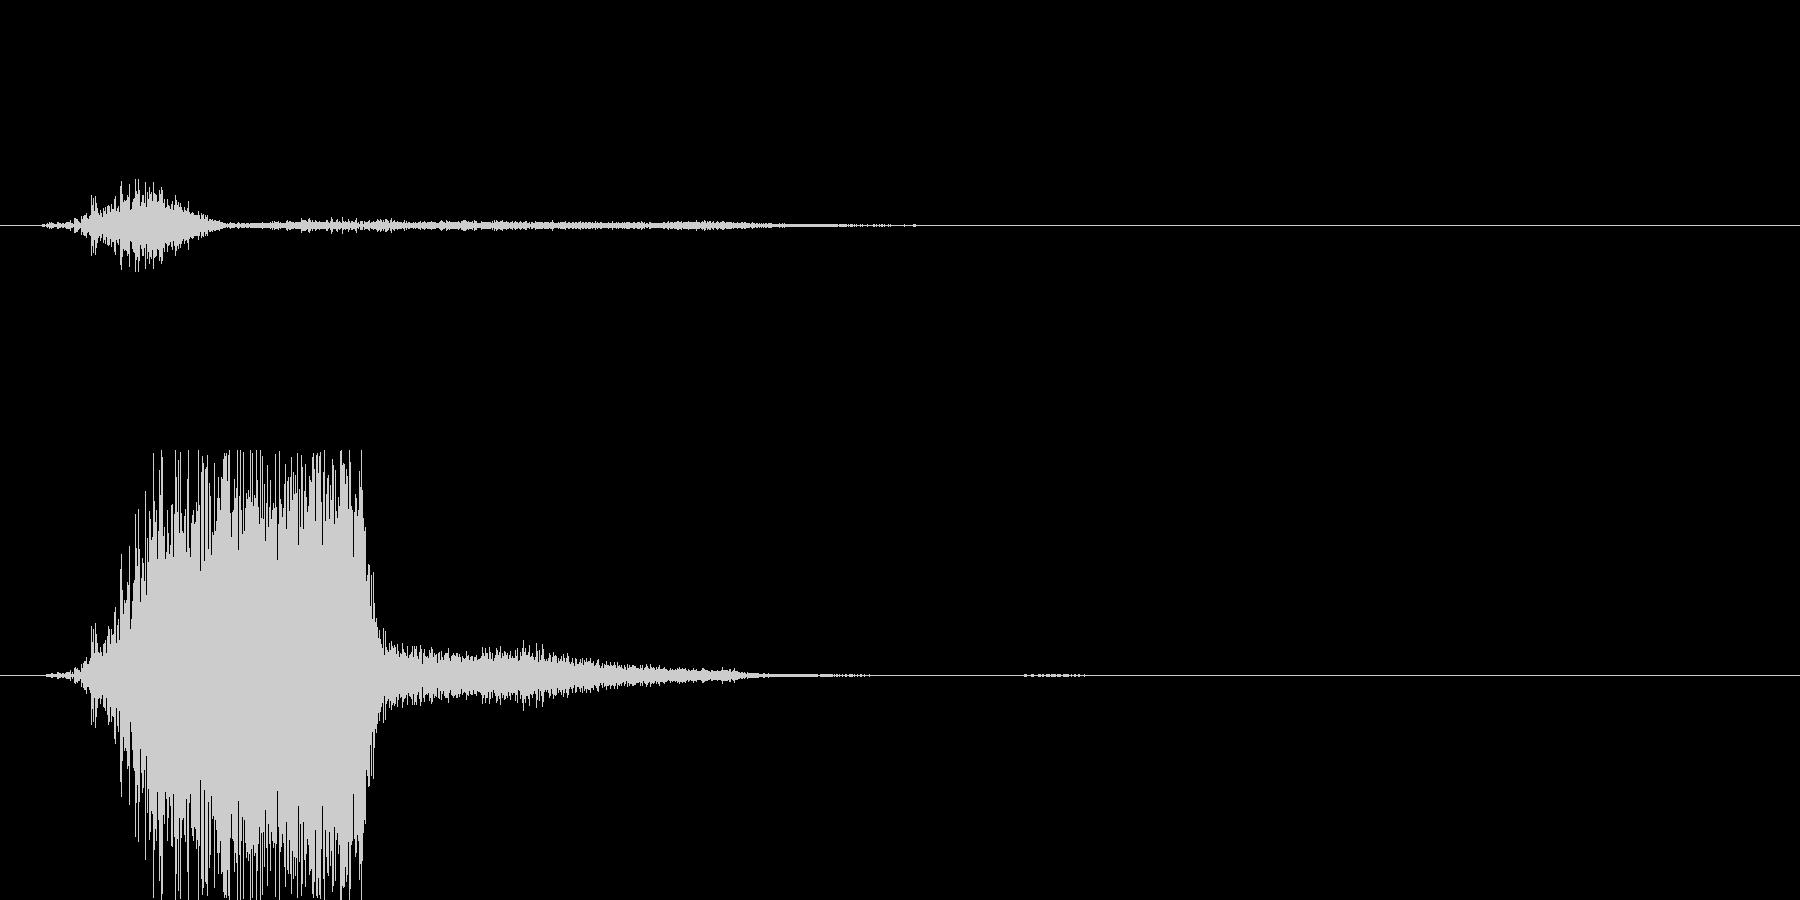 吹き飛ばし音の未再生の波形